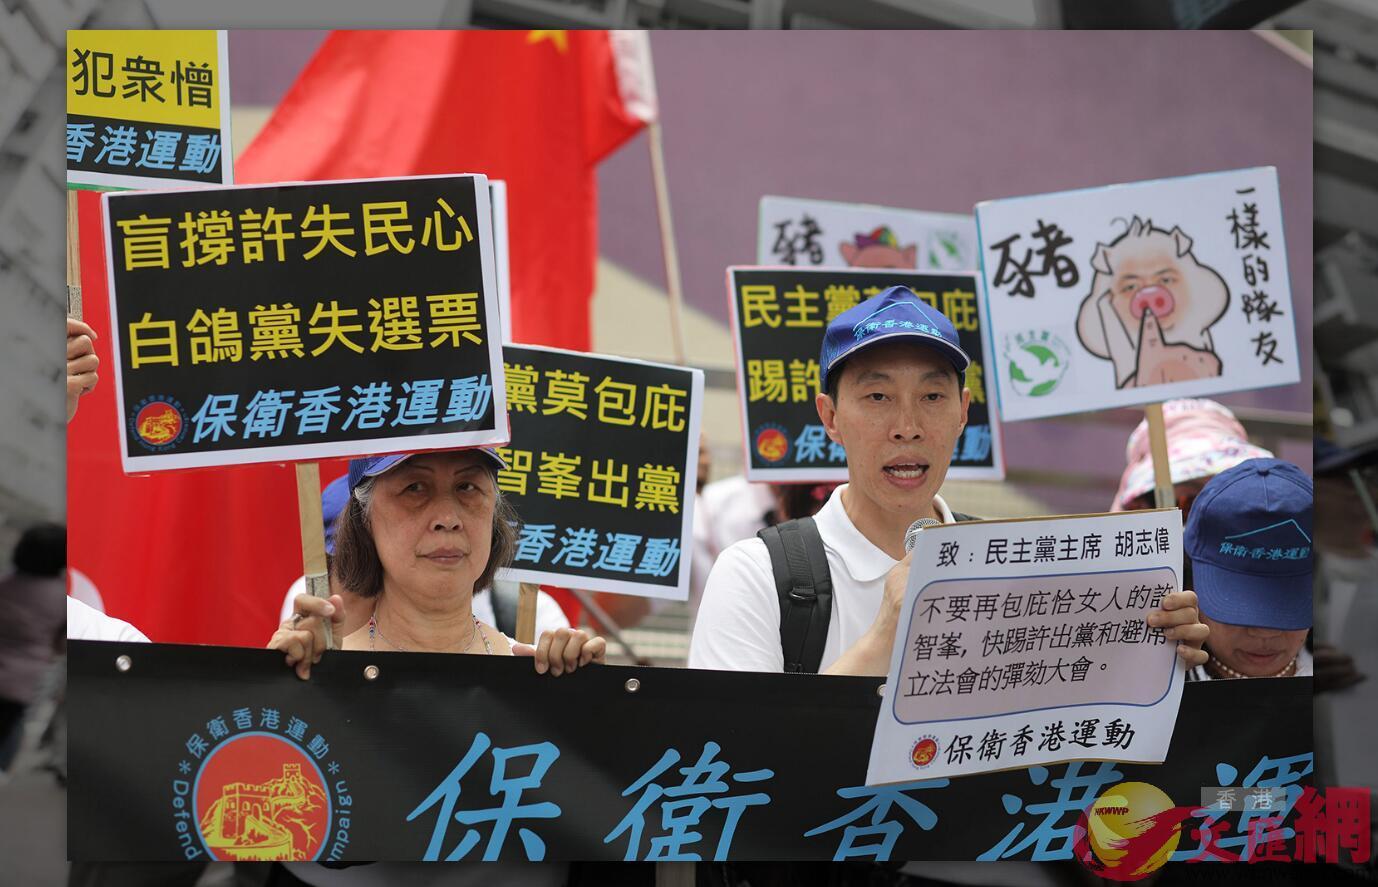 「保衛香港運動」成員強烈譴責許智峯並要求民主黨停止包庇(全媒體記者麥鈞傑攝)